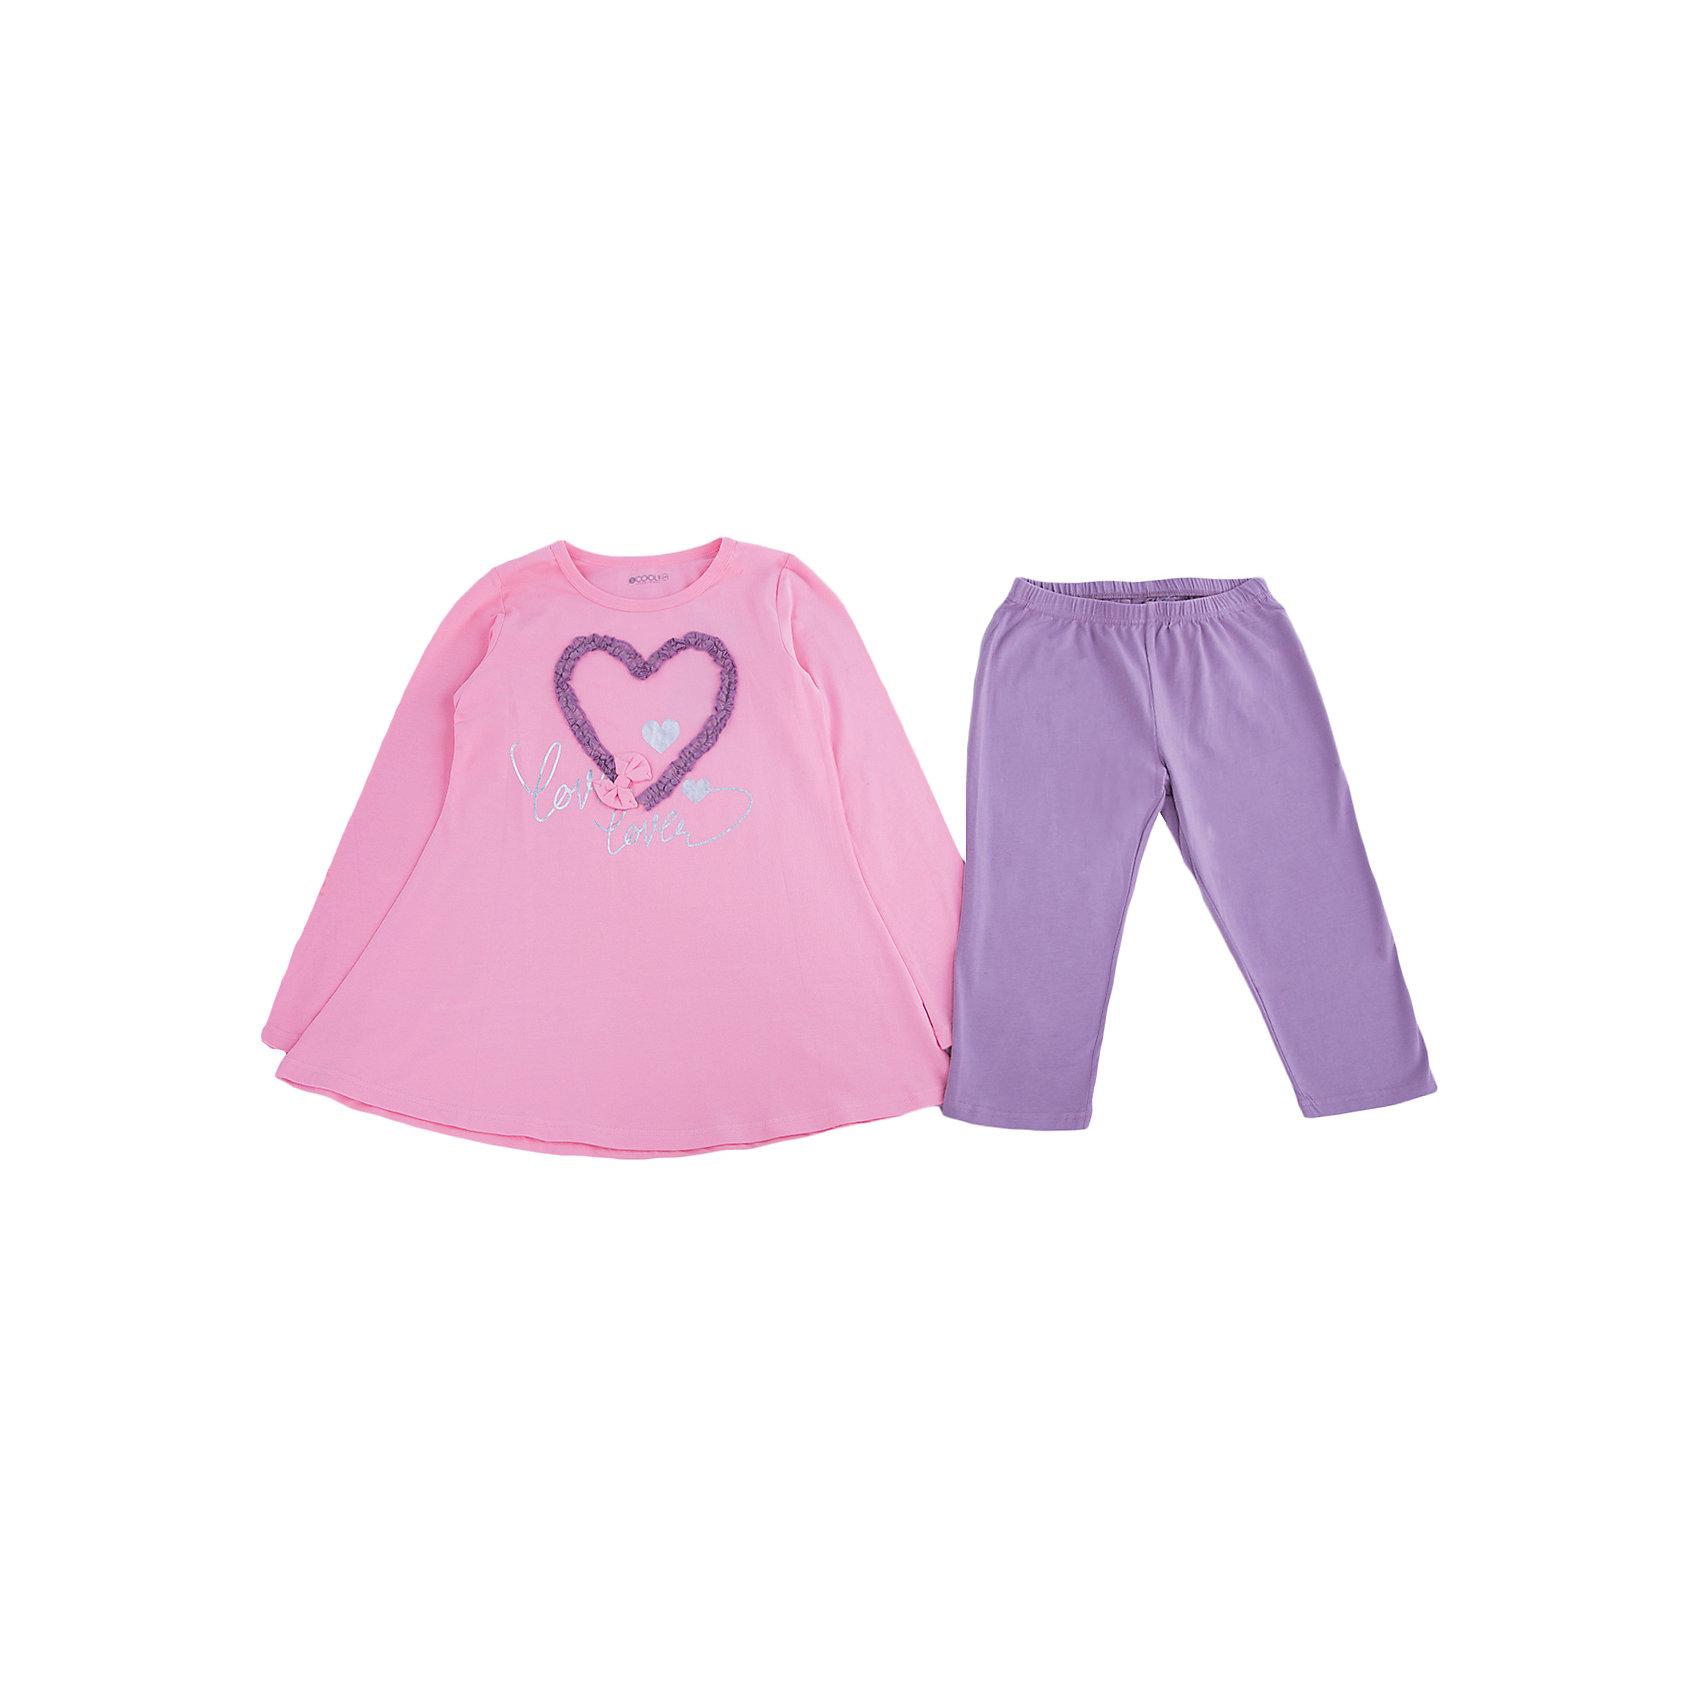 Комплект: туника и леггинсы для девочки ScoolКомплекты<br>Комплект: туника и леггинсы для девочки от известного бренда Scool. Нежный и удобный хлопковый комплект домашней одежды. В комплект вошла туника нежно-розового цвета с длинным рукавом, округлой горловиной и серо-фиолетовые леггинсы на внутренней резинке. Приятное сочетание цветов и милые декорации в виде сердечка из оборочек и нежного бантика придет по вкусу вашей моднице. <br><br>Дополнительная информация:<br>- В комплекте: туника, леггинсы<br>- Силуэт туники: расширенный к низу<br><br>Состав: 95% хлопок 5% эластан<br><br>Комплект: туника и леггинсы для девочки Scool можно купить в нашем интернет-магазине.<br><br>Подробнее:<br>• Для детей в возрасте: от 9 до 13 лет<br>• Номер товара: 4911353<br>Страна производитель: Китай<br><br>Ширина мм: 123<br>Глубина мм: 10<br>Высота мм: 149<br>Вес г: 209<br>Цвет: розовый<br>Возраст от месяцев: 120<br>Возраст до месяцев: 132<br>Пол: Женский<br>Возраст: Детский<br>Размер: 146,134,140,152,158,164<br>SKU: 4911352